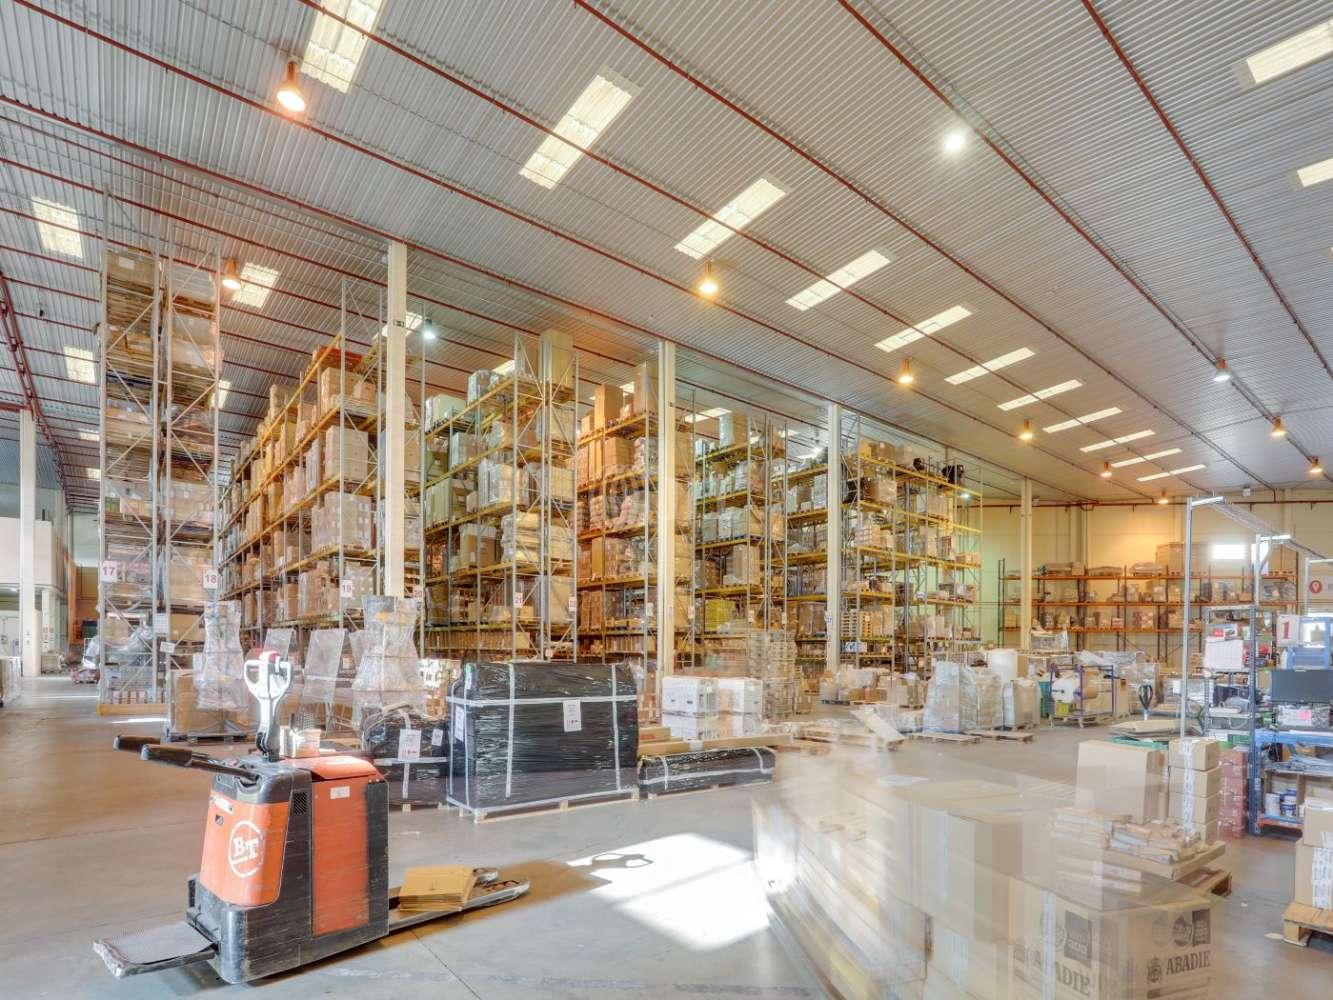 Naves industriales y logísticas Valdemoro, 28343 - Nave Logistica - M0343 P.I LA POSTURA VALDEMORO - 23374